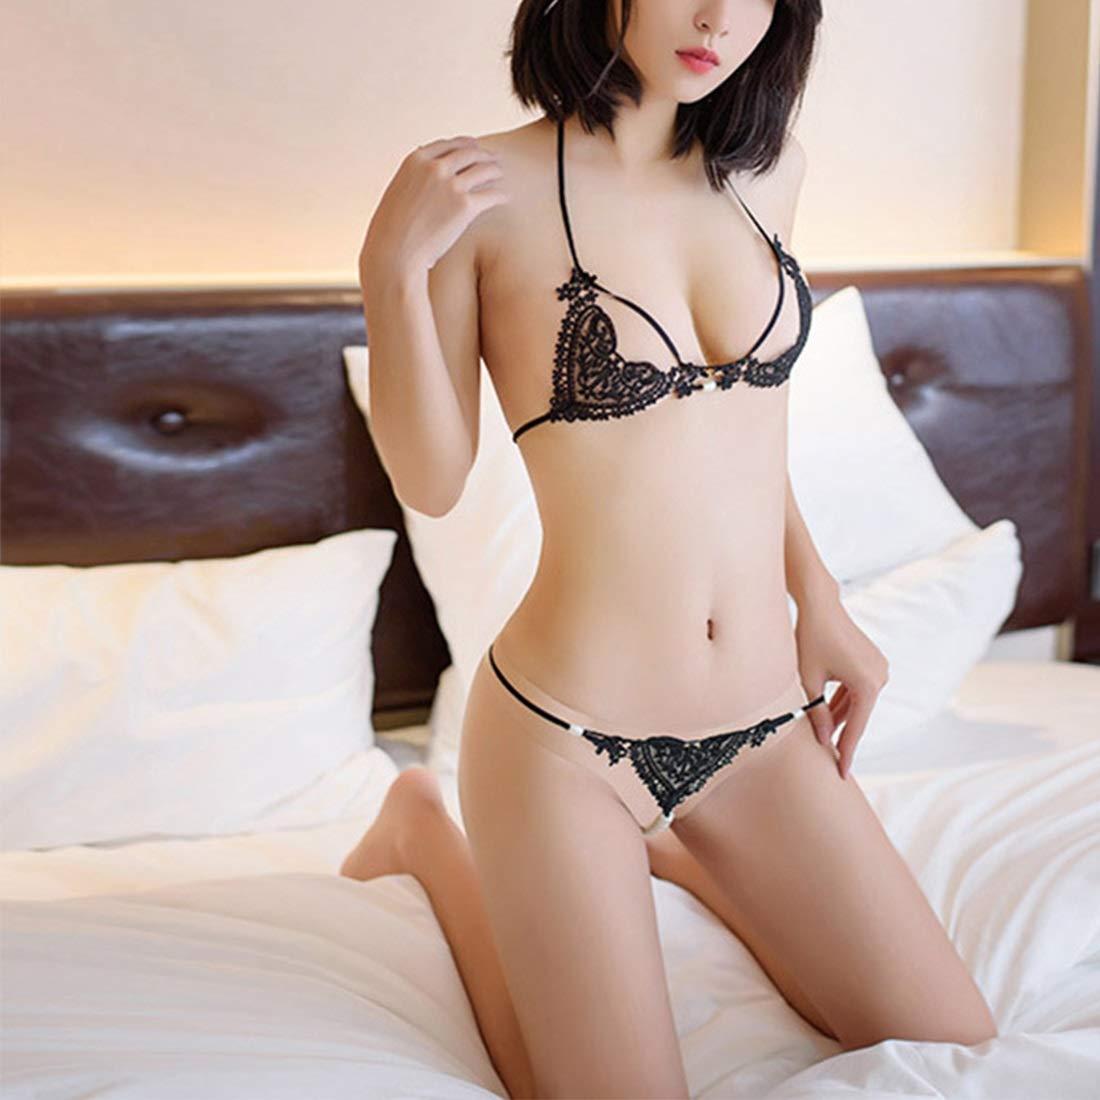 Diversión sexy Shiduoli Body de Tres Puntos Puntos Puntos de Encaje Sexy para Dormir con Hueco y Perlas (Color : Black, Size : One Size) ed7a57